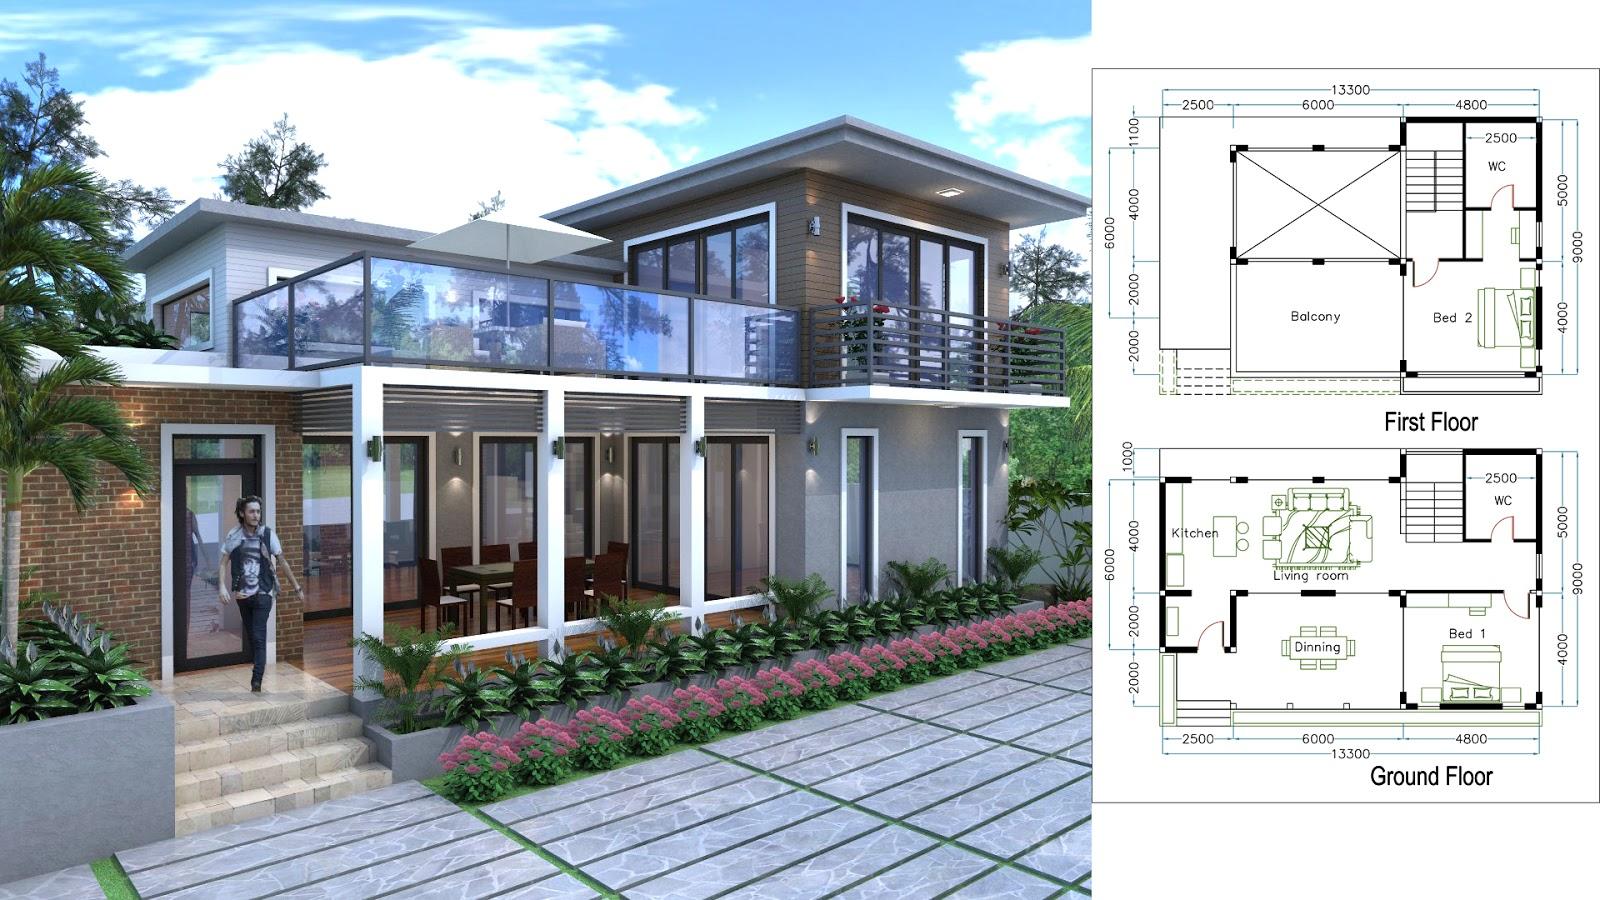 Sketchup drawing villa design size 2bedroom sam for Sketchup design